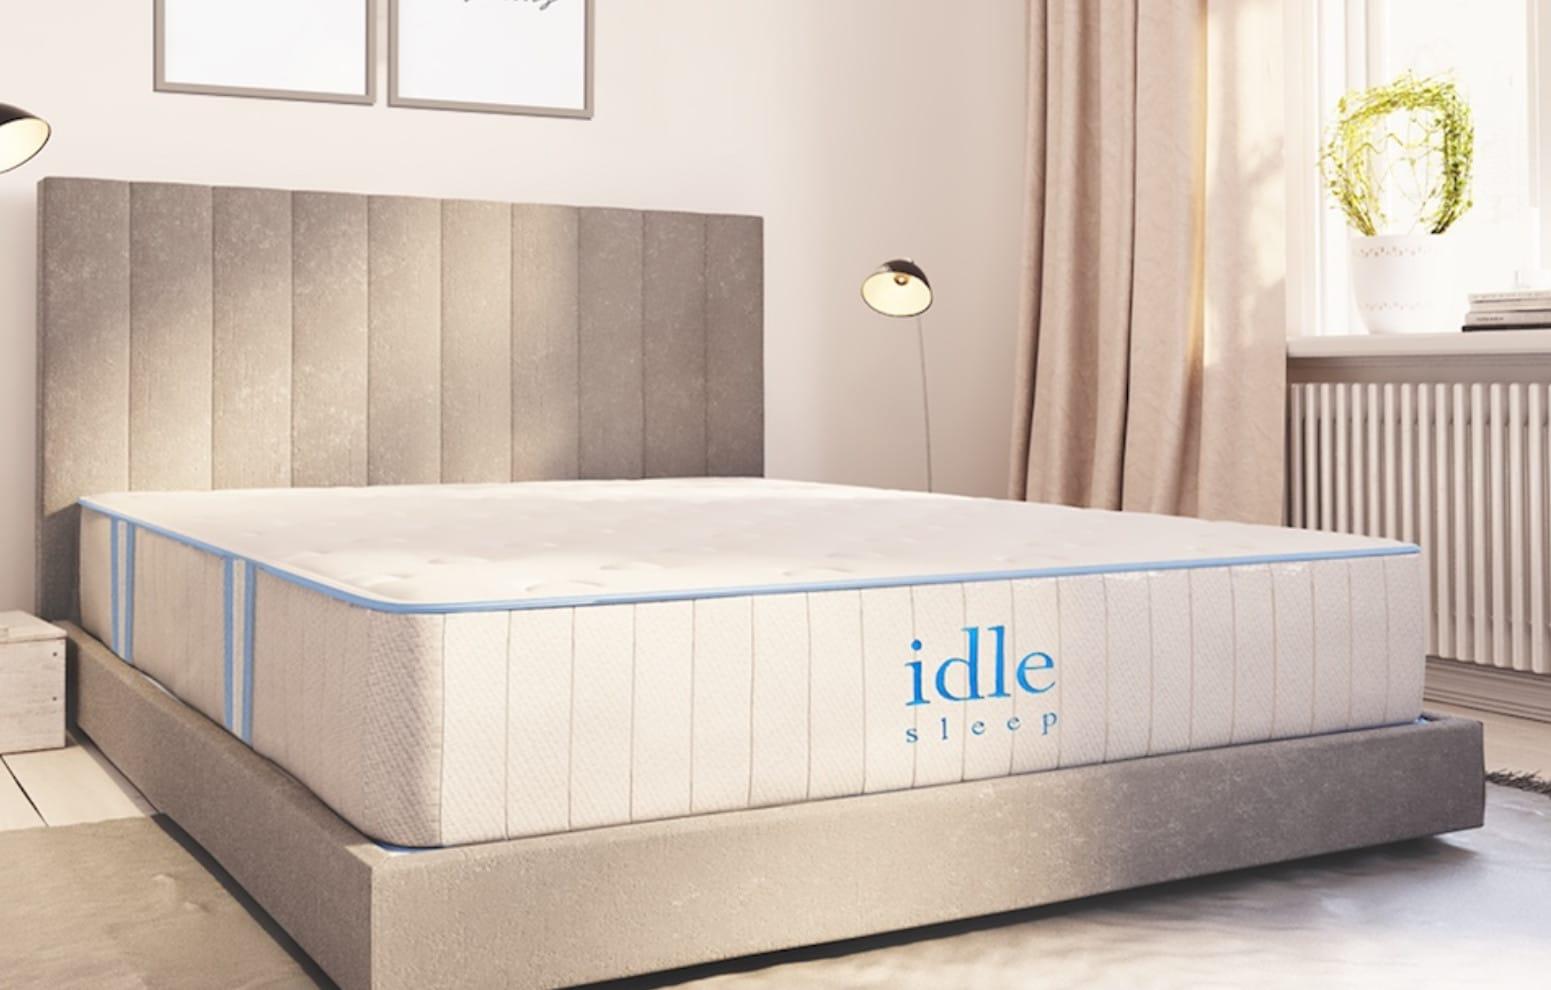 idle sleep hybrid bed